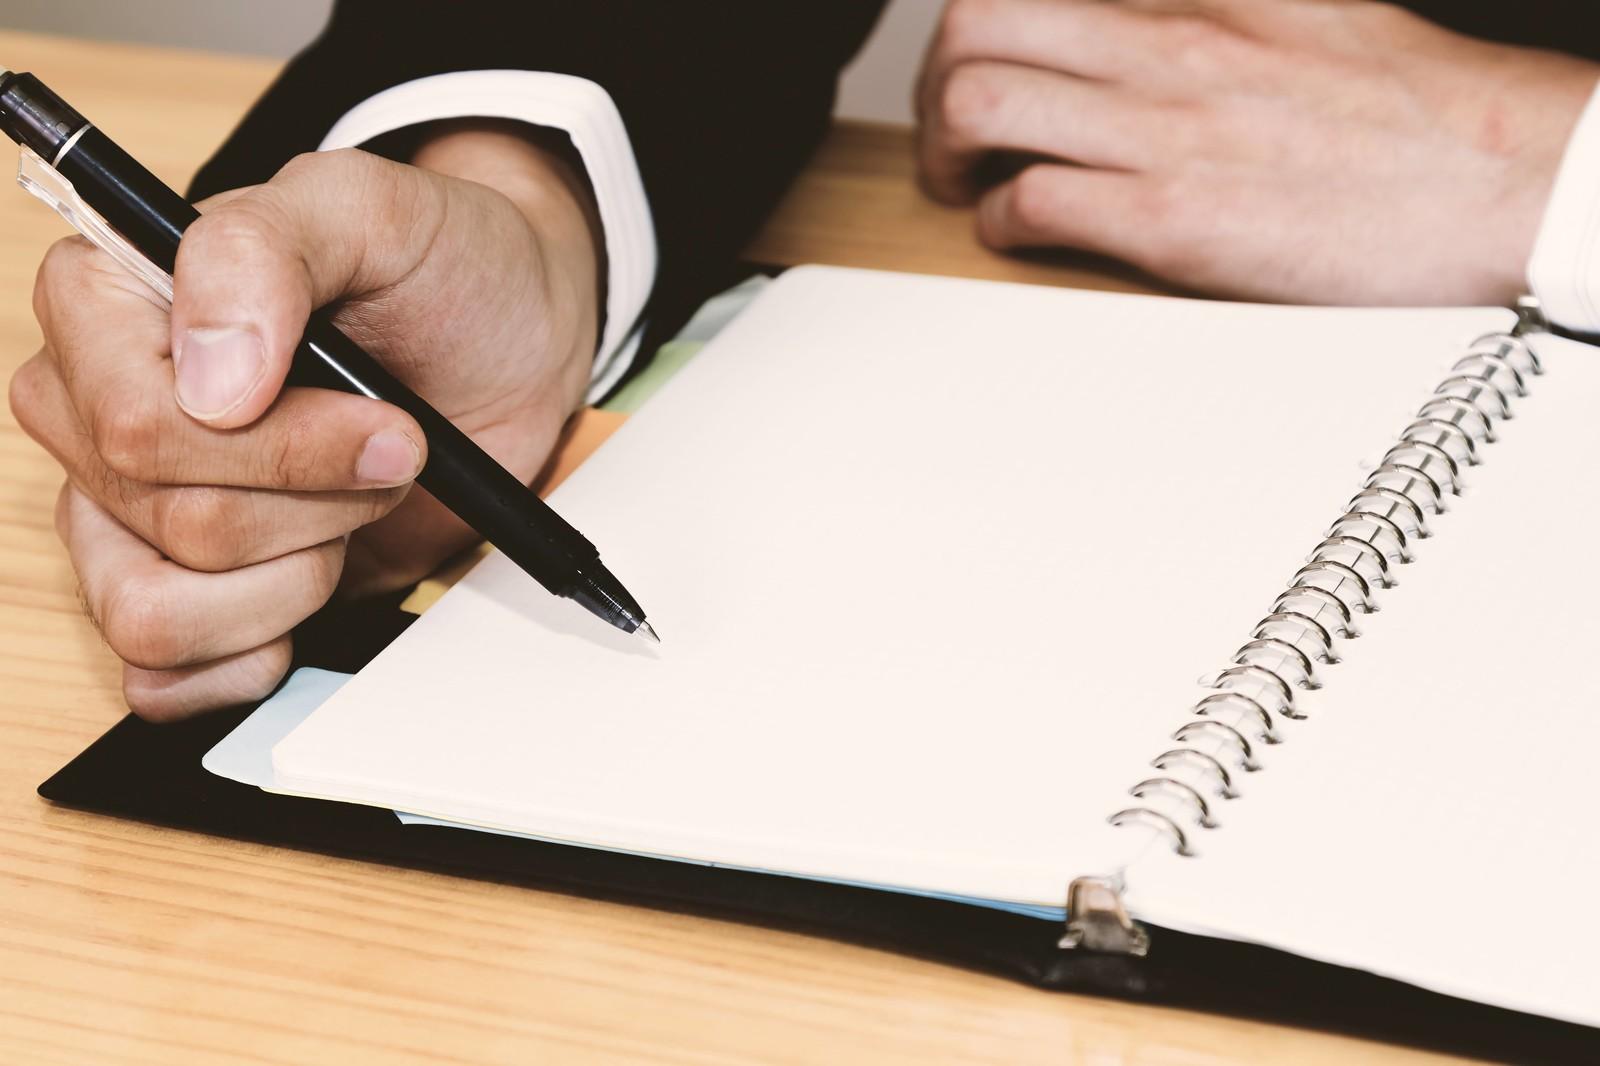 証拠をなんでも書き込める魔法のノート